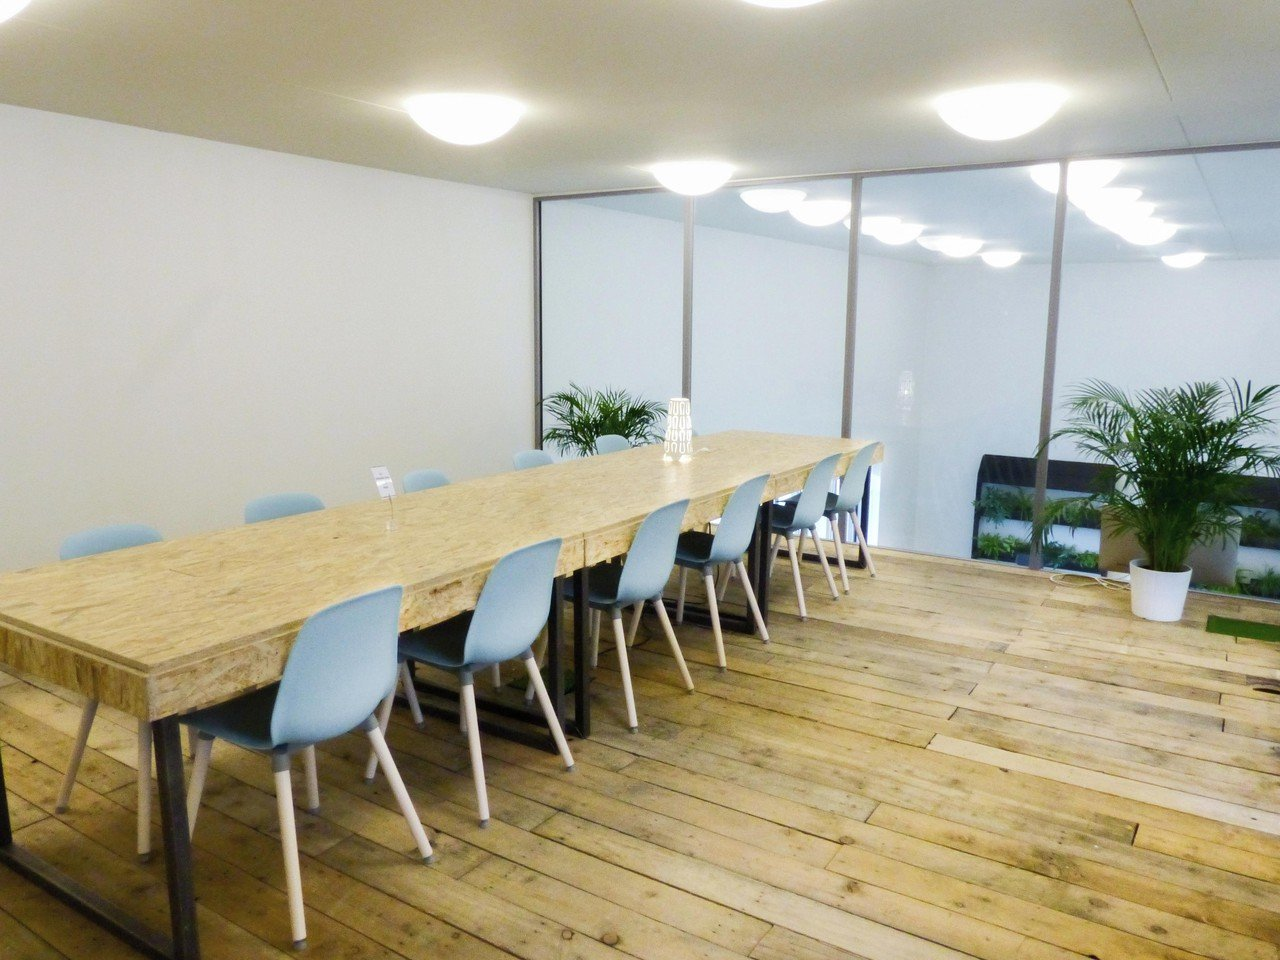 Amsterdam Salles de conférence Salle de réunion ☀️Large Meeting Room image 1